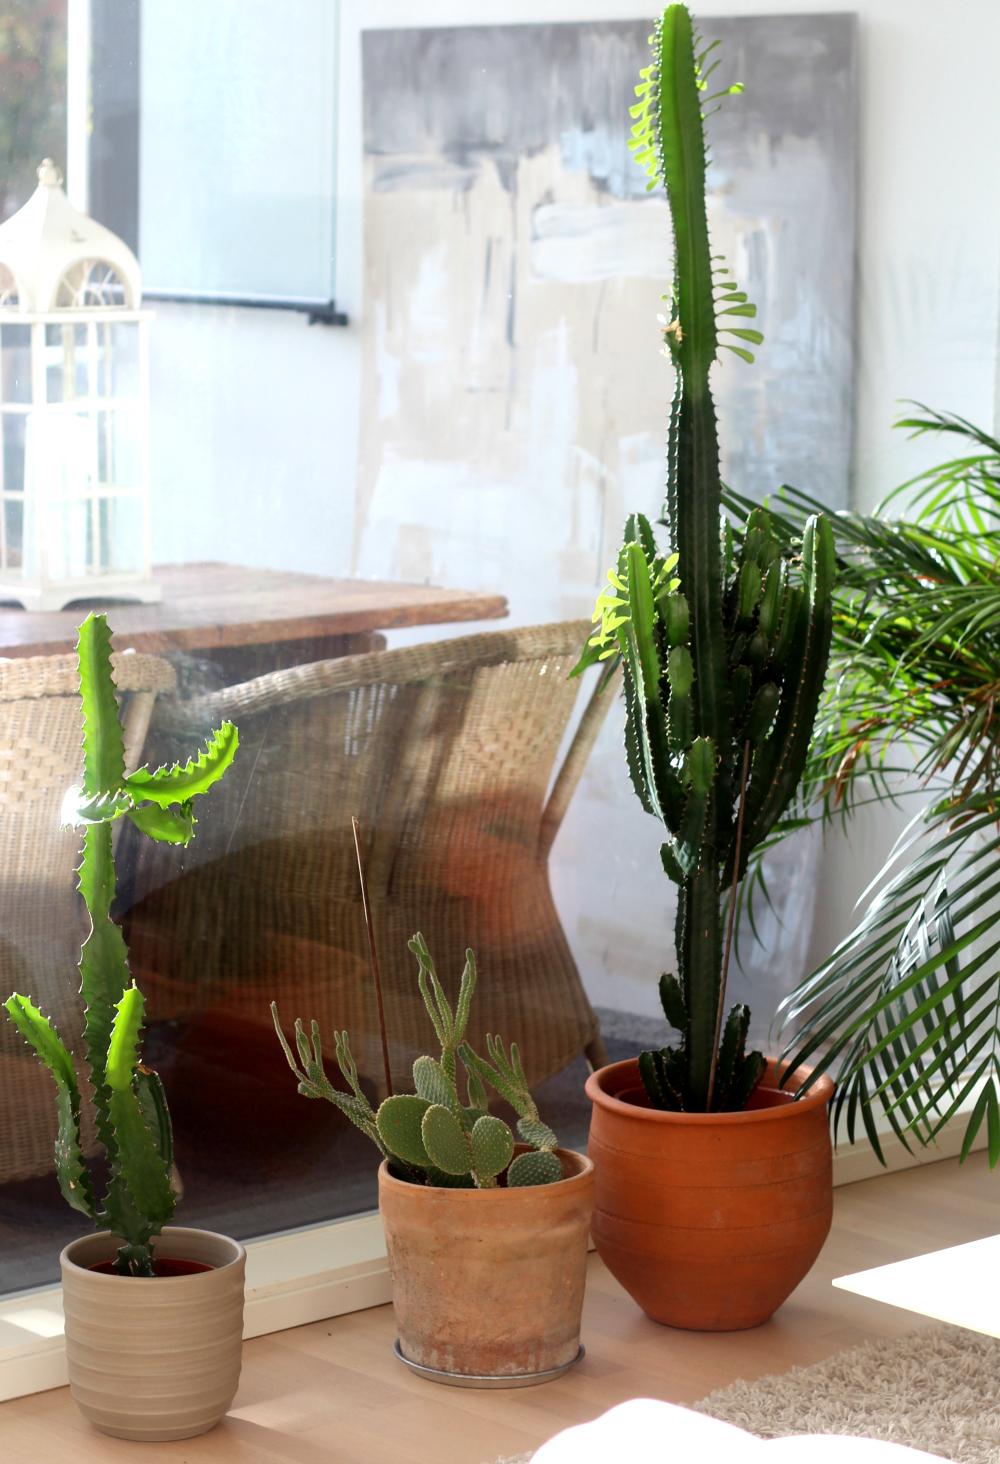 Pitkä kaktus